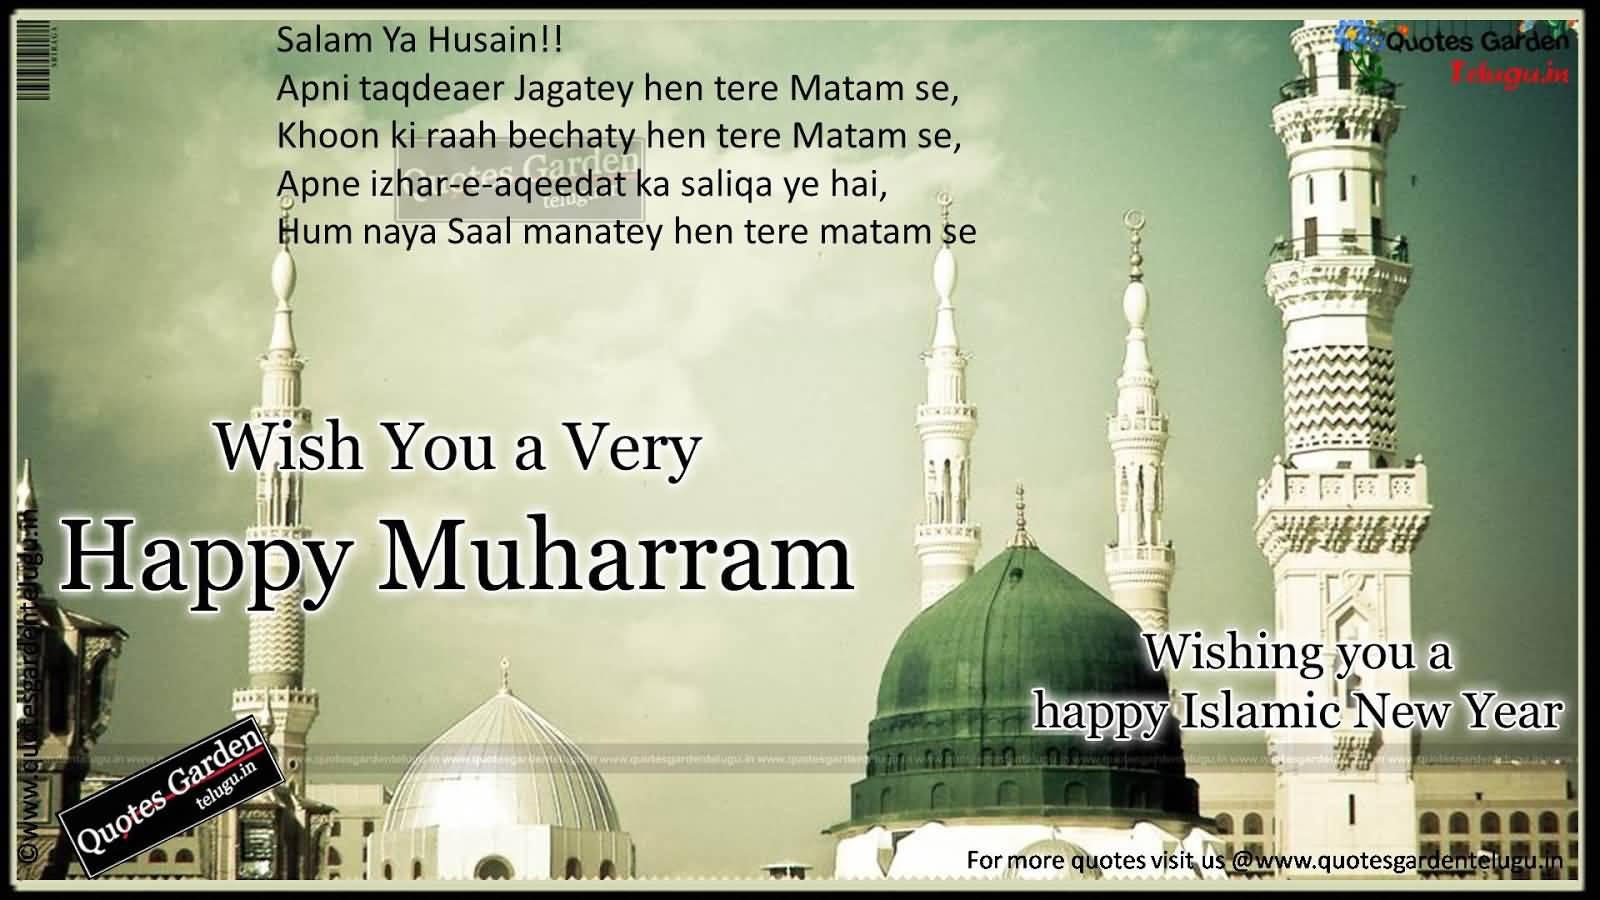 Muharram ul haram Hd Images